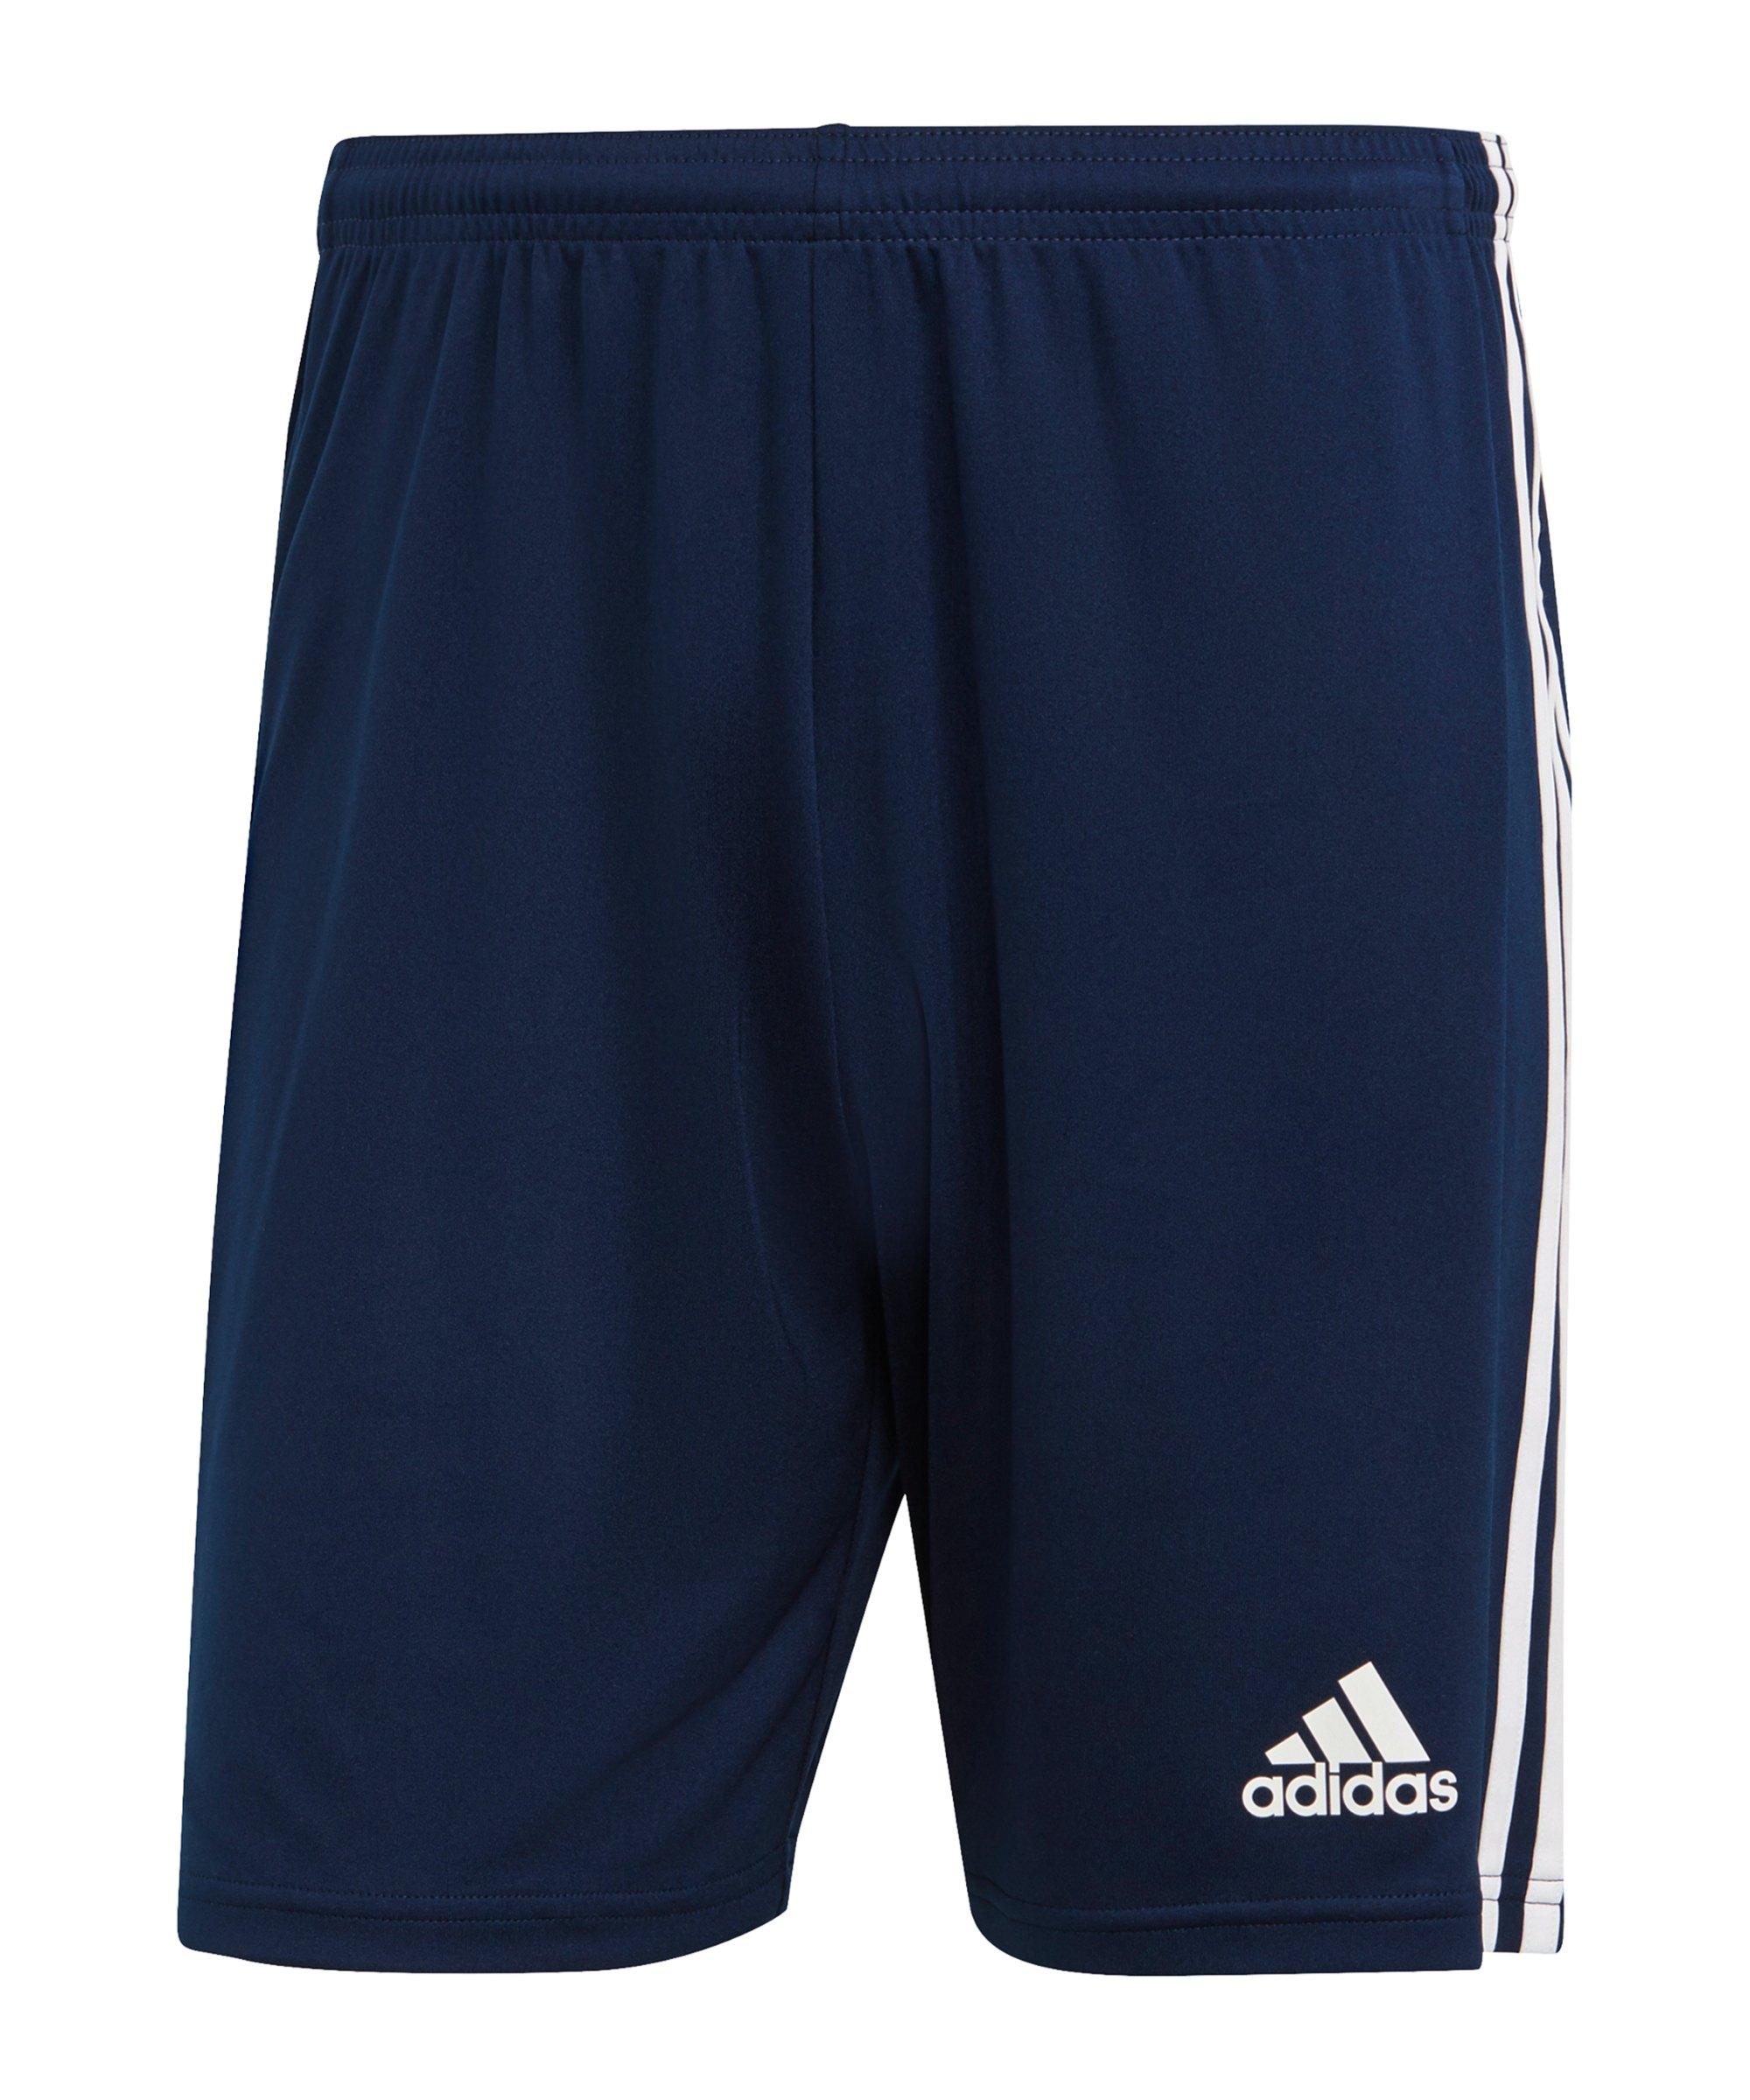 adidas Squadra 21 Short Blau - blau